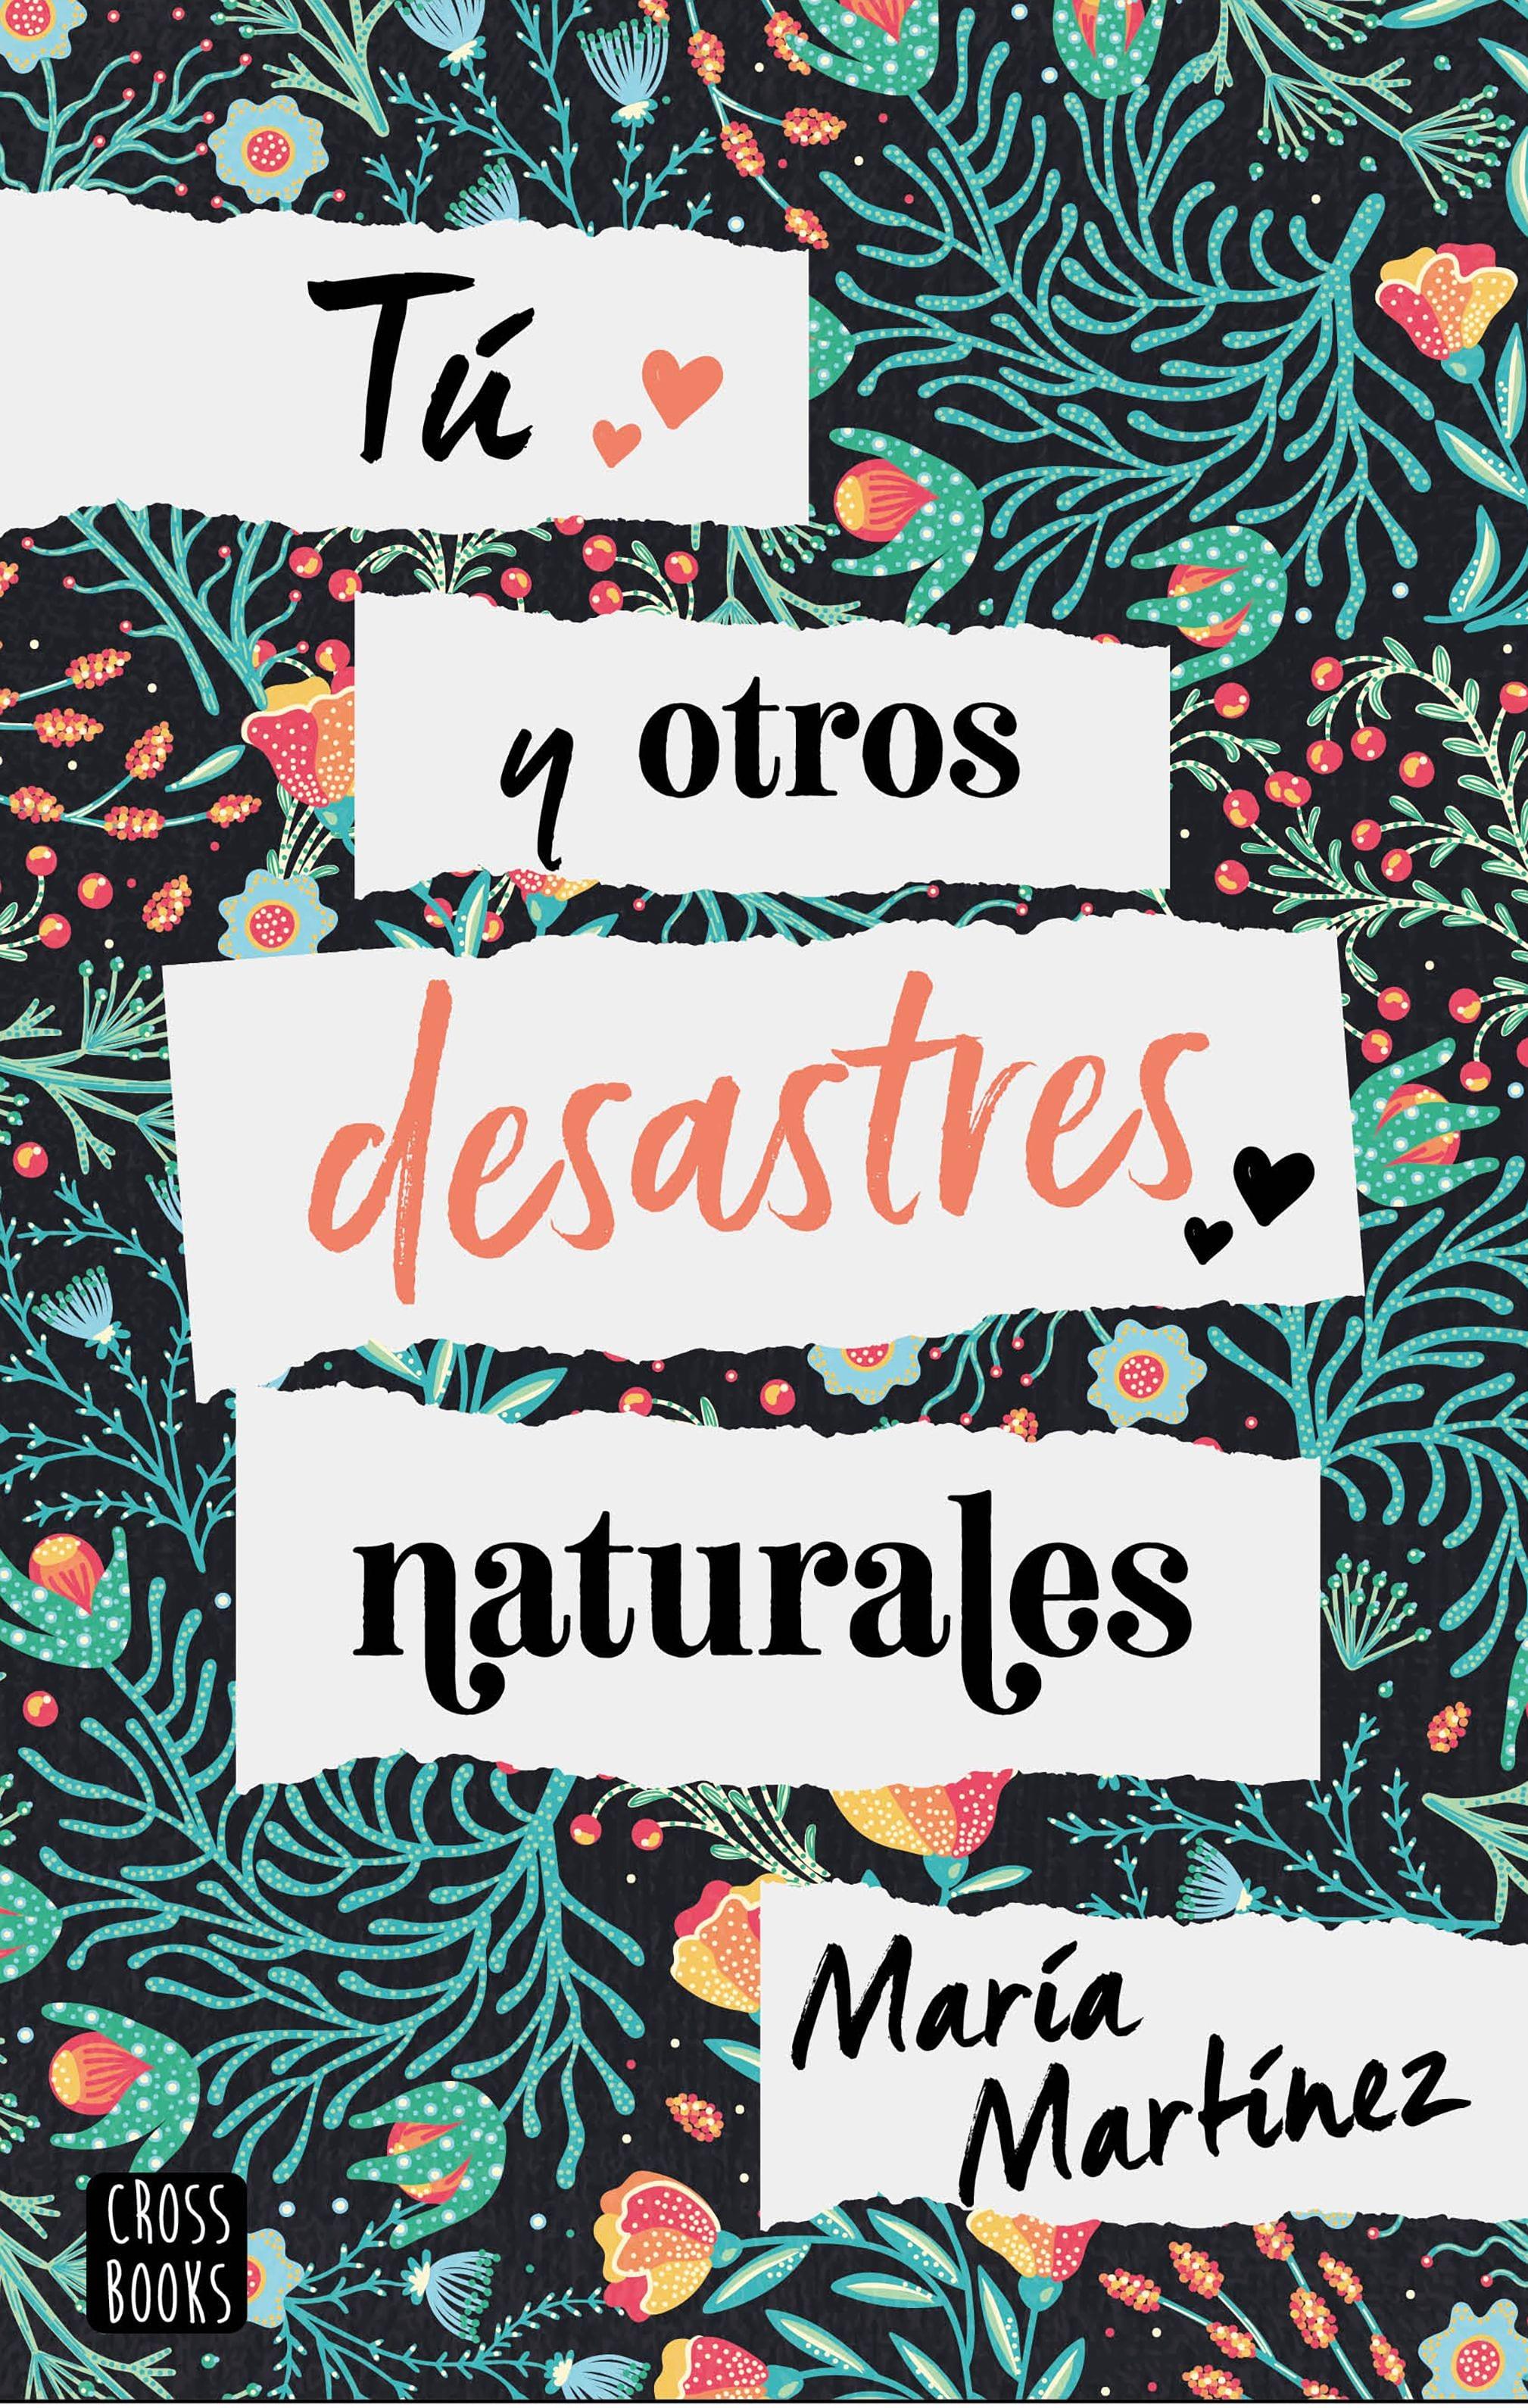 Tú y otros desastres naturales, de María Martínez - Reseña